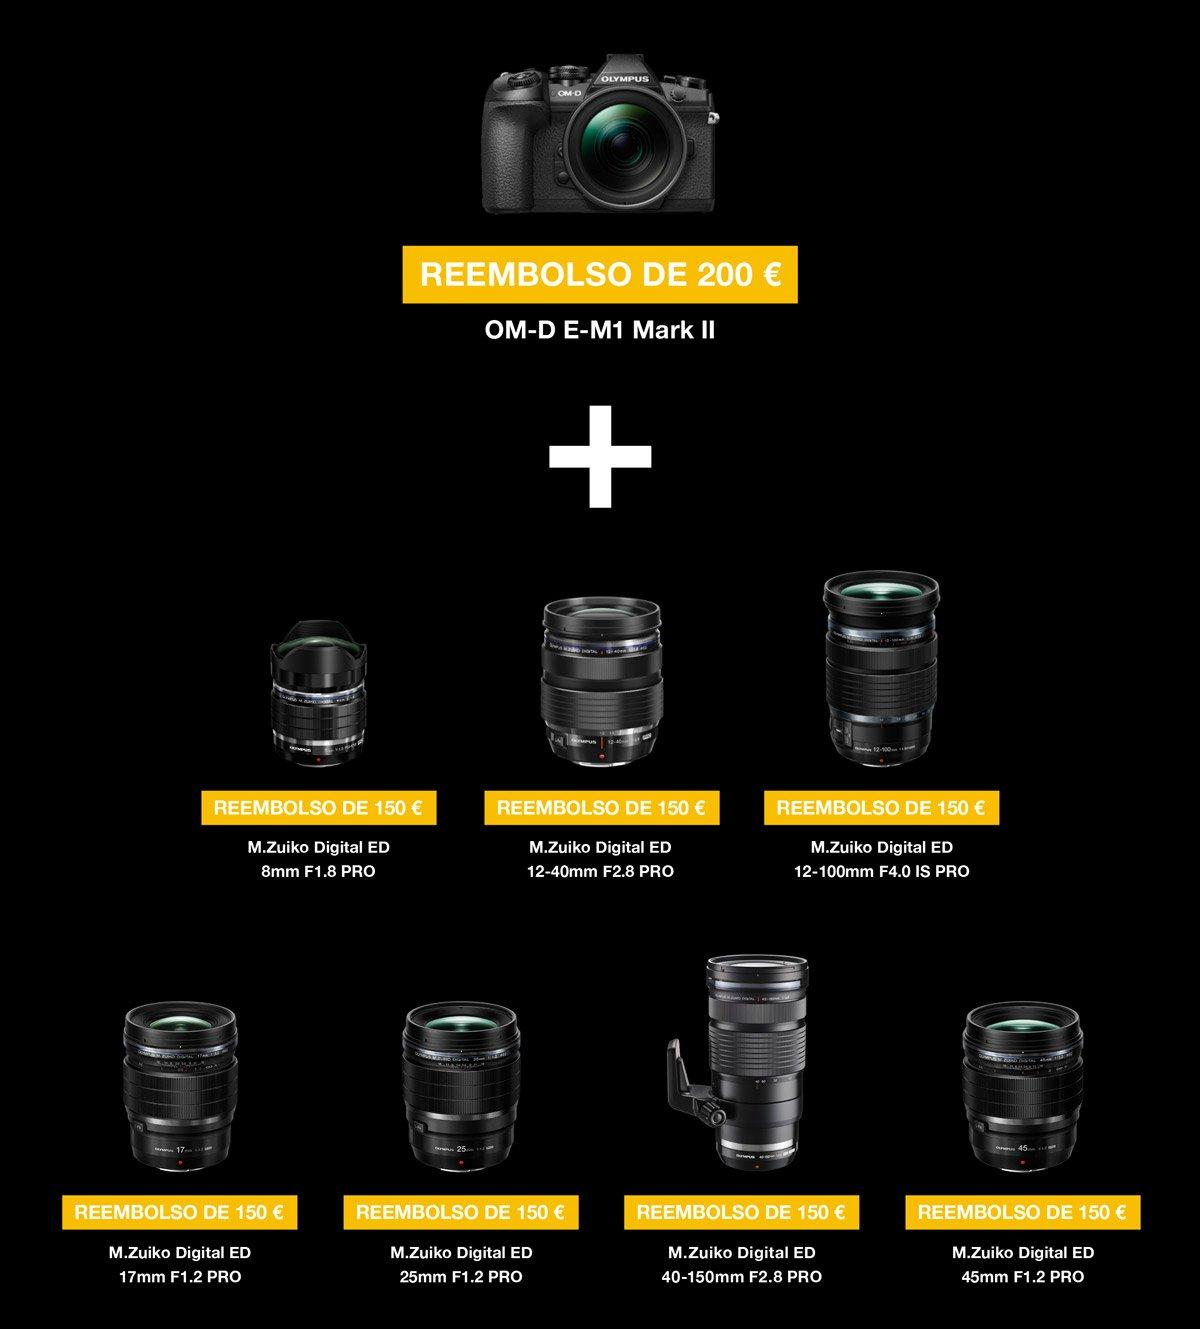 Olympus Duke Fotografa Mzuiko Digital Ed 14 150mm F40 56 Del 1 De Septiembre 2018 Al 15 Enero 2019 Cashback 200 Por La Compra E M1 Mark Ii 150 En Cada Ptica